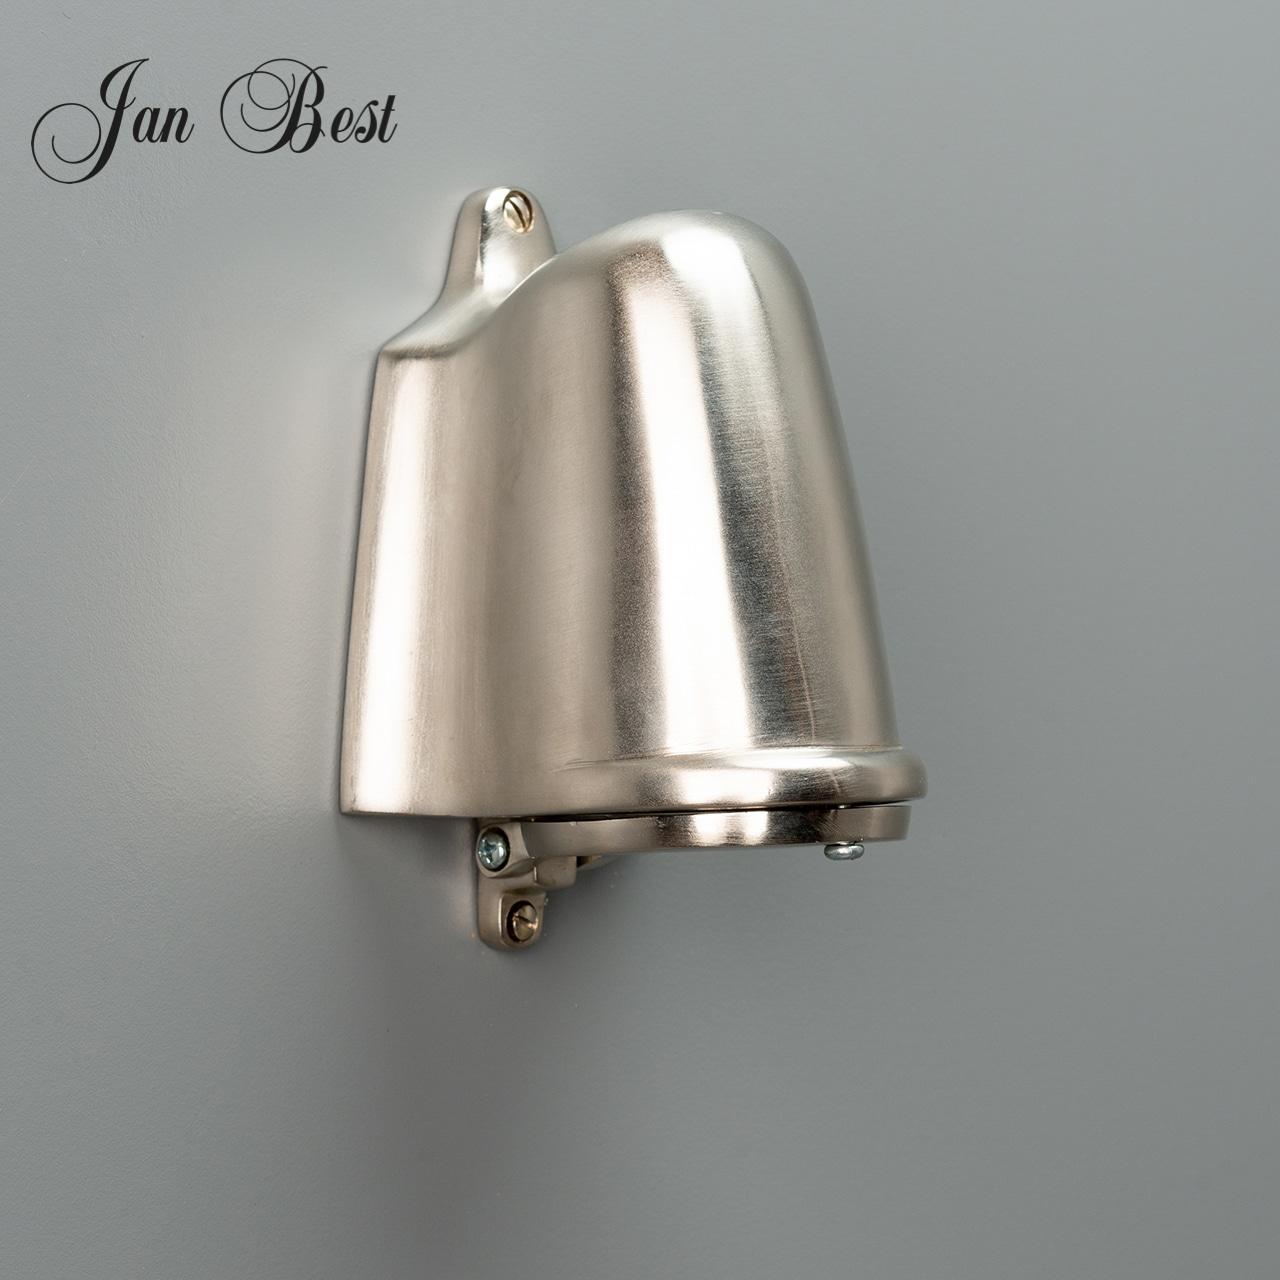 jan-best-messing-brons-downlighter-wandlamp-outdoor-tuin-terras-buiten-horeca-nostalgische-klassieke-verlichting-aalsmeer